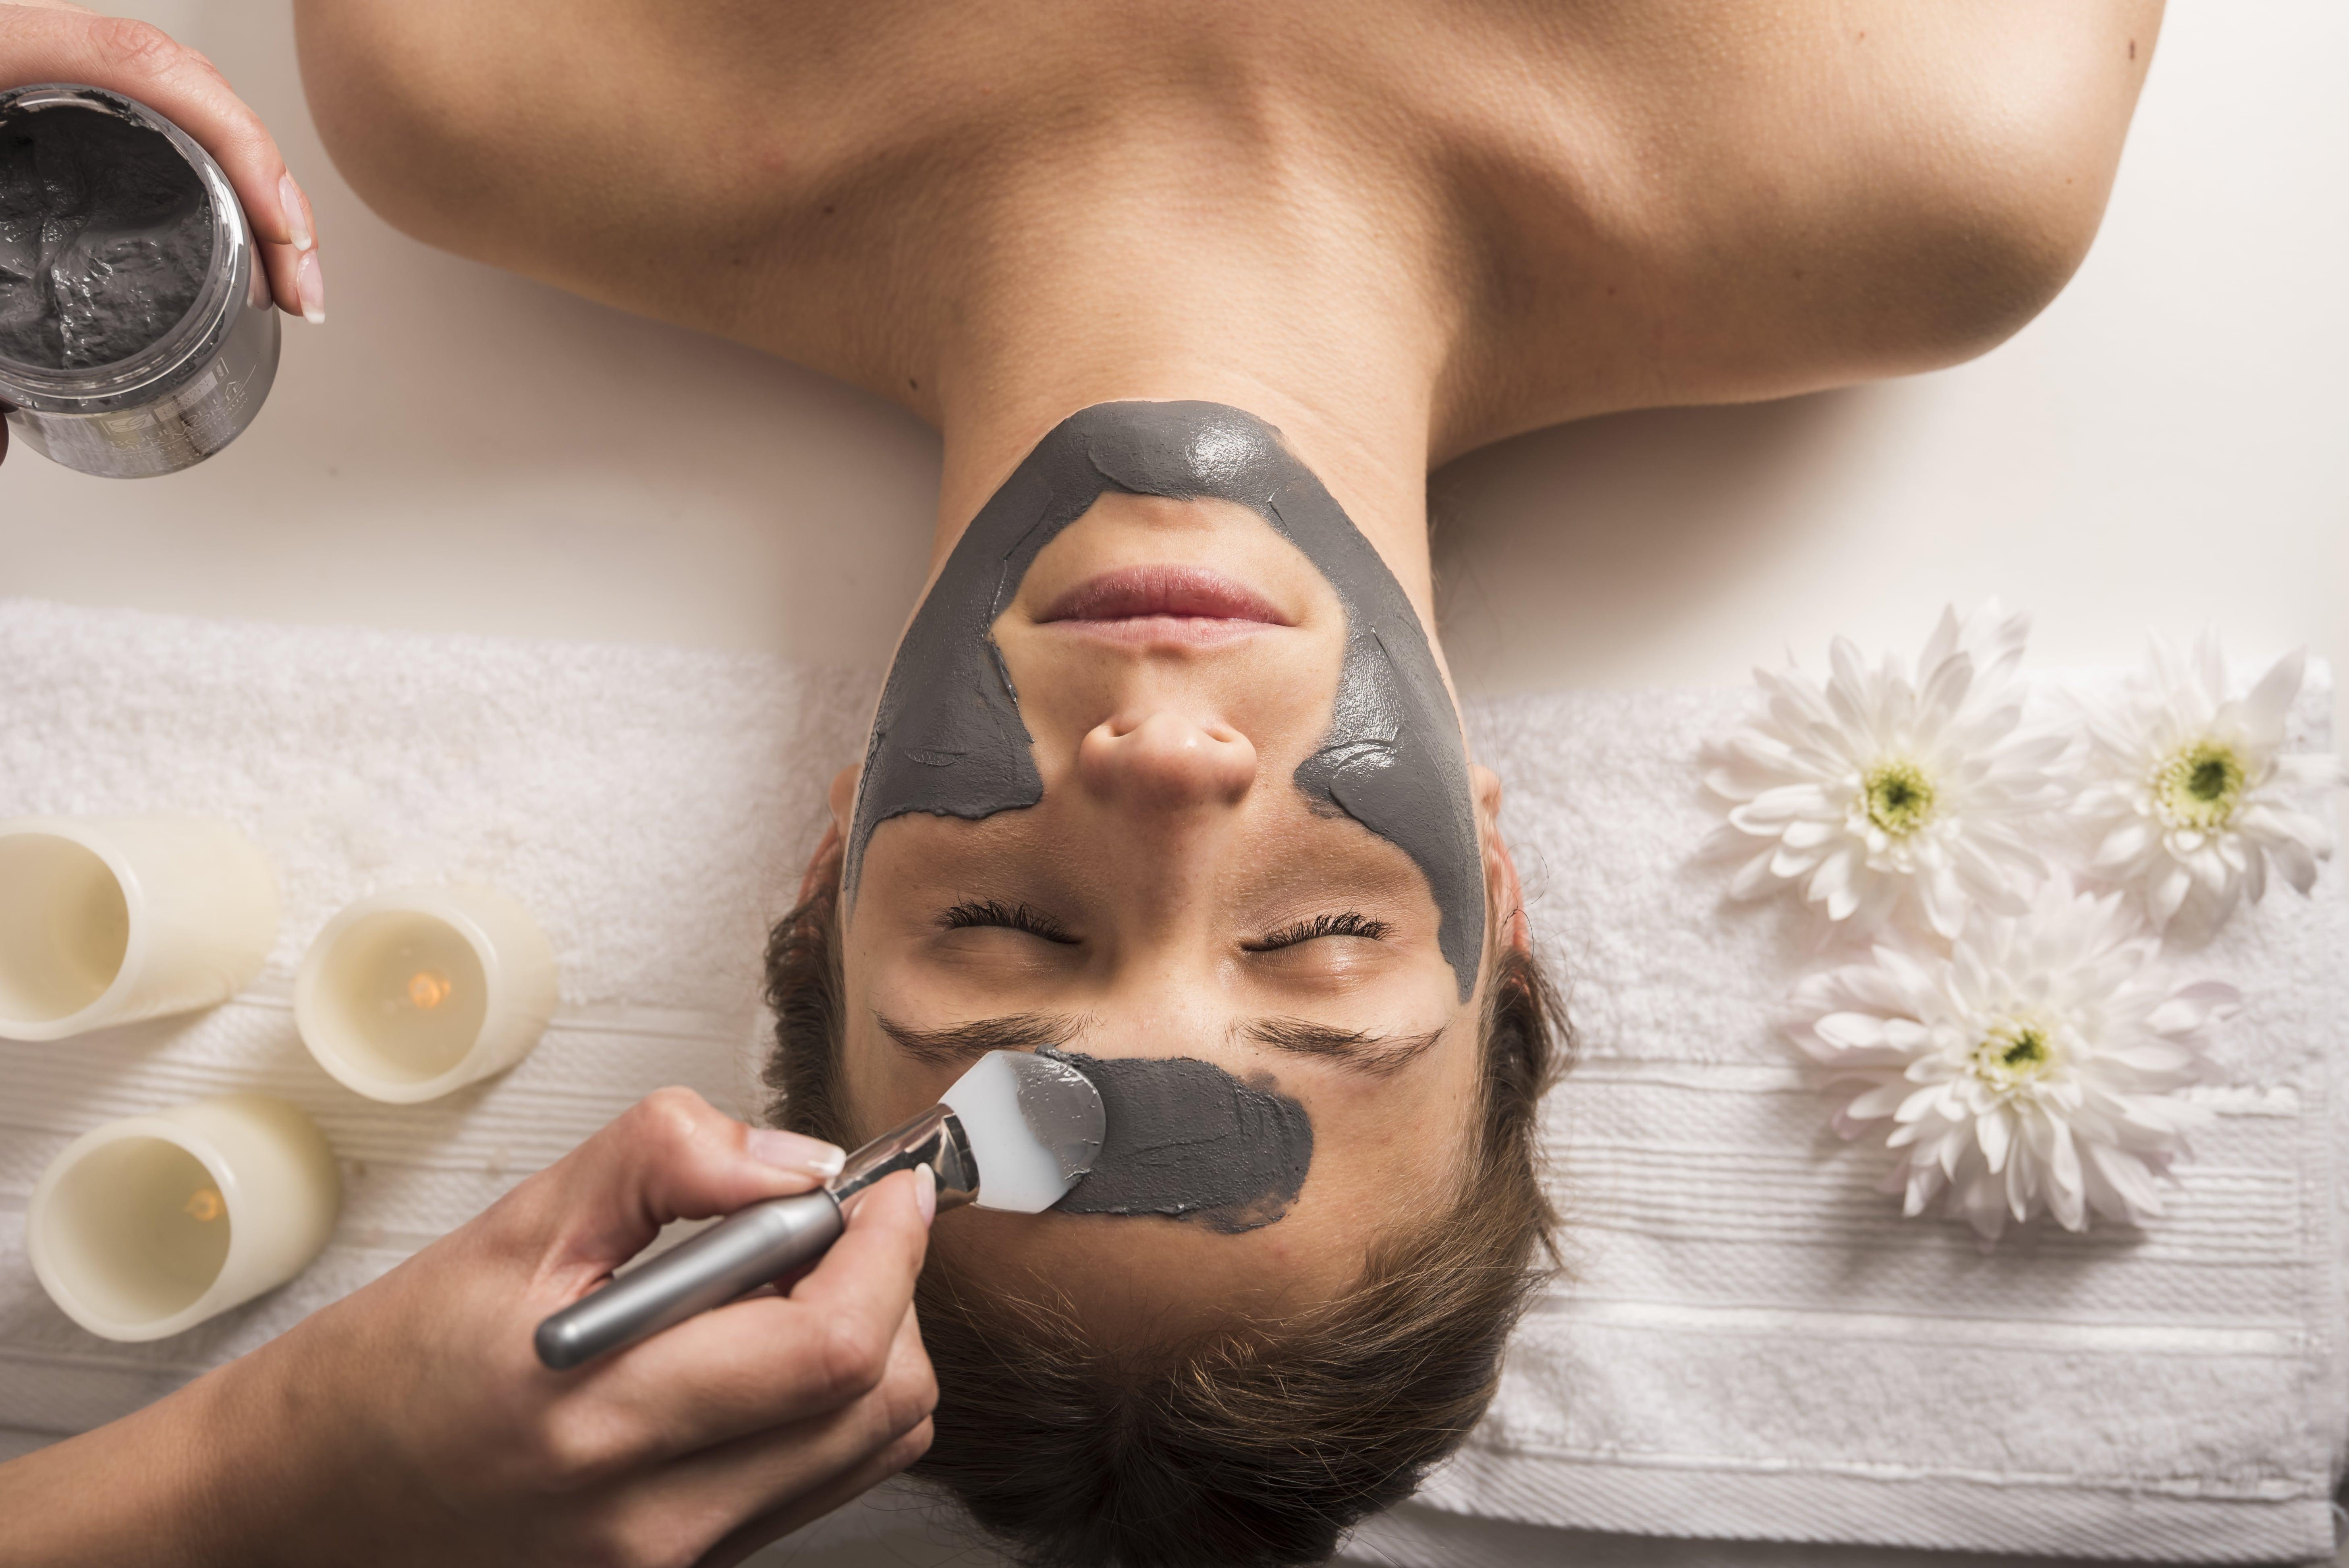 La maschera per purificare la pelle